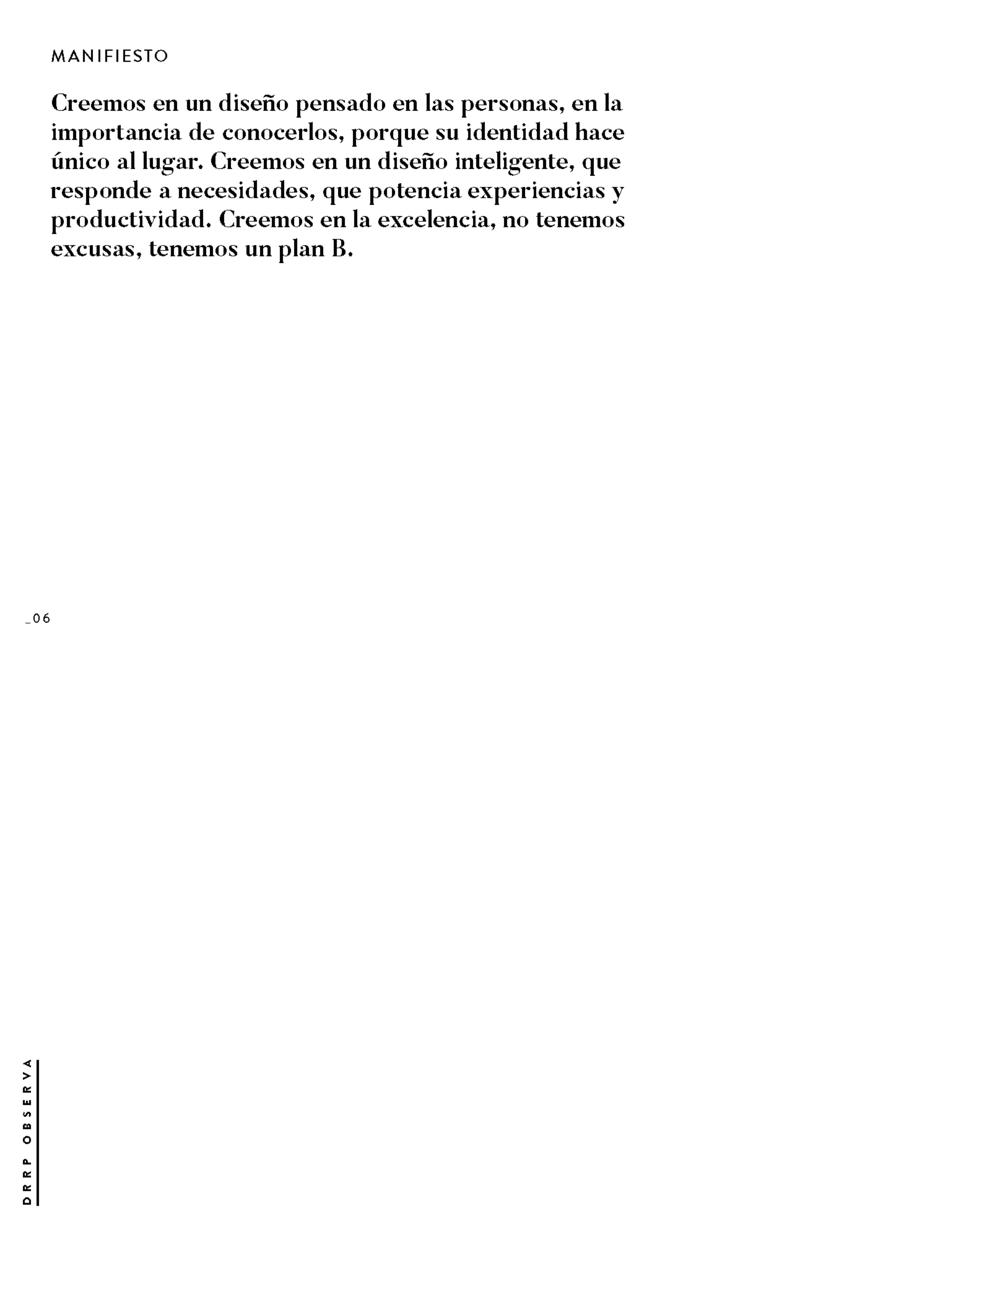 20180323_DRRP_BOOK_ISSU_Página_006.png